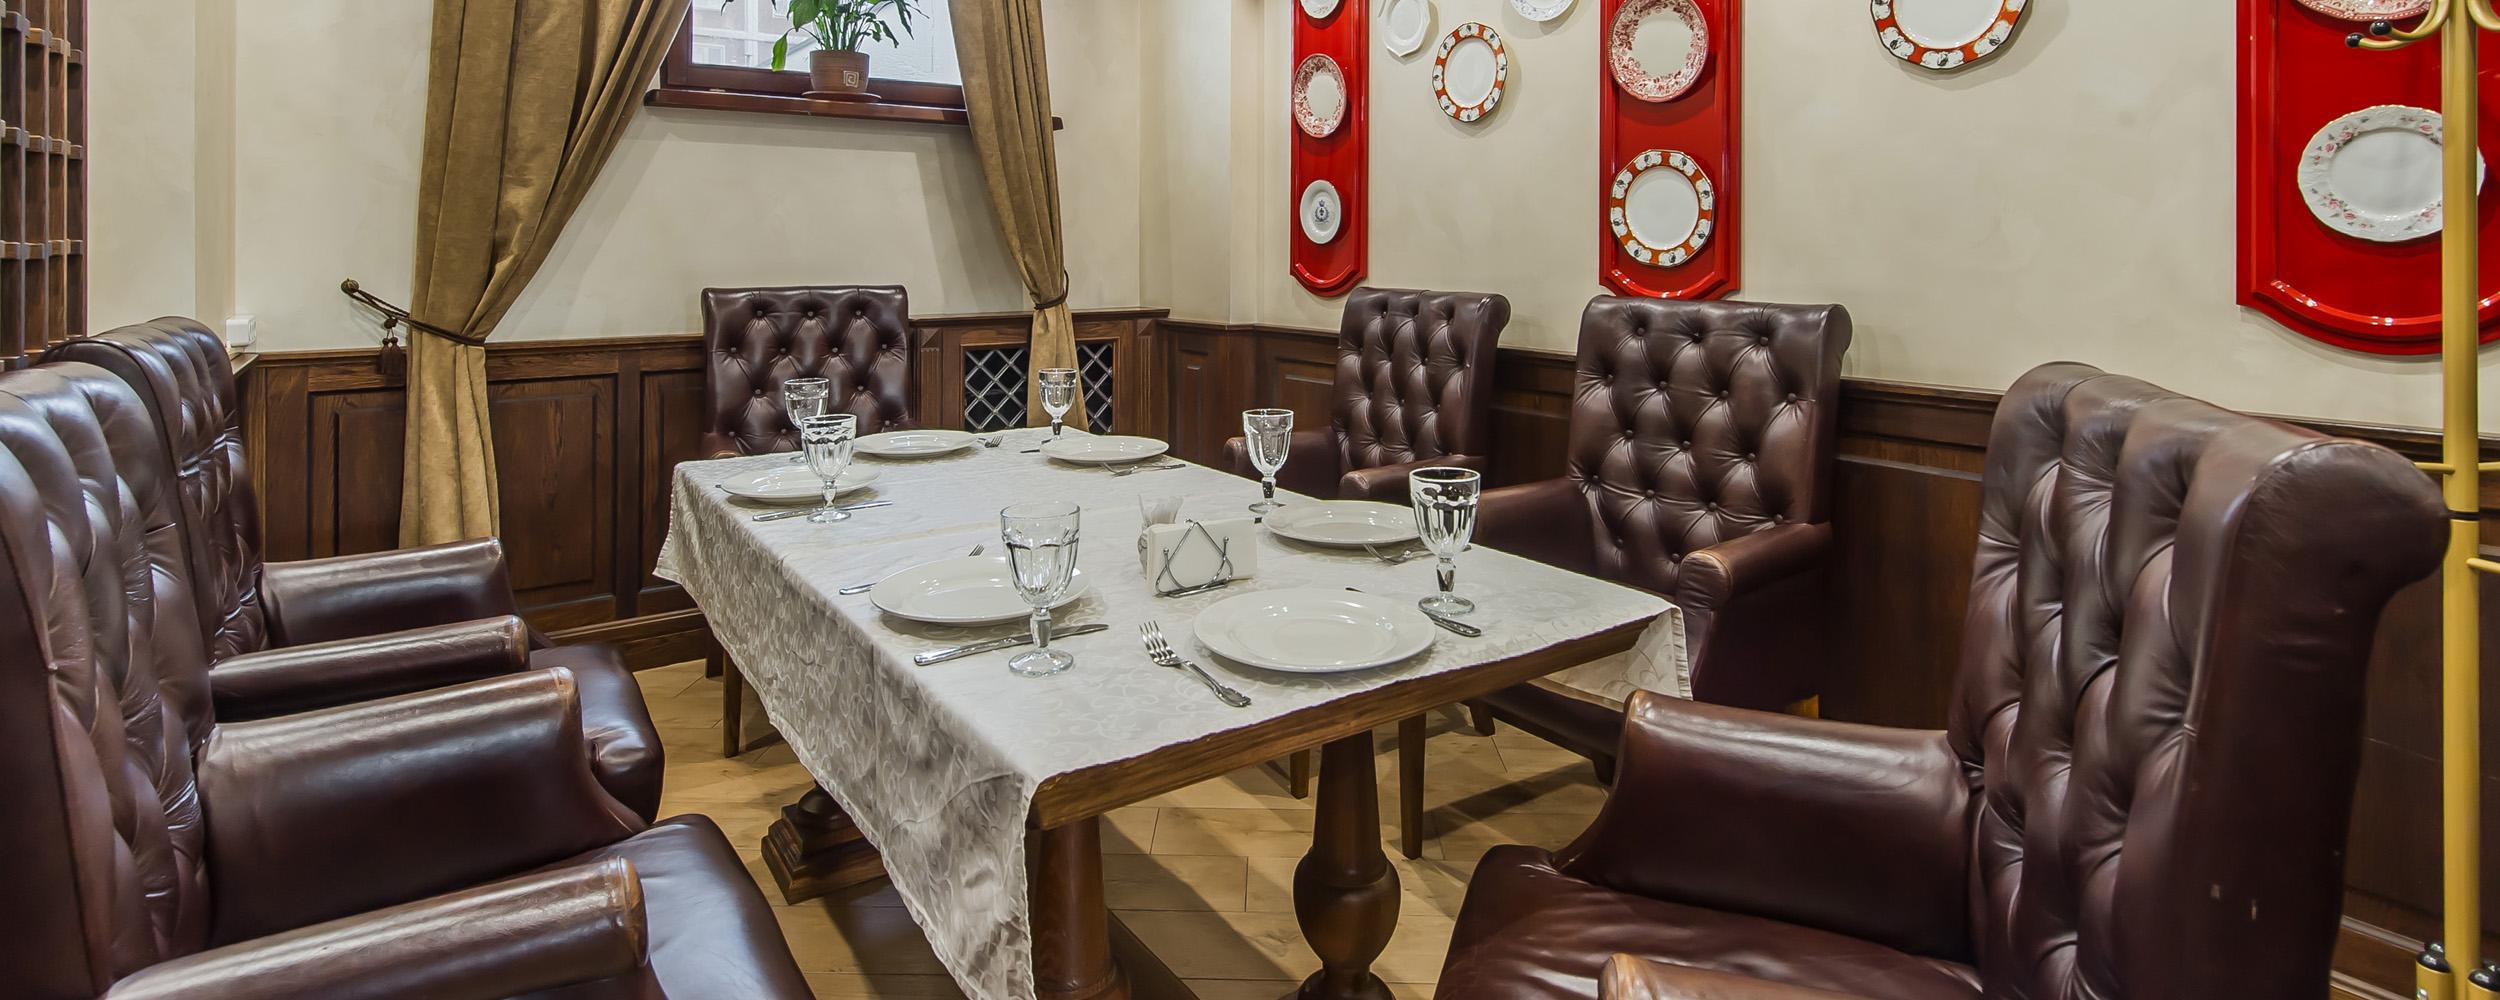 Restoran «Granatovyj sad №1» na ul. Porechnaya